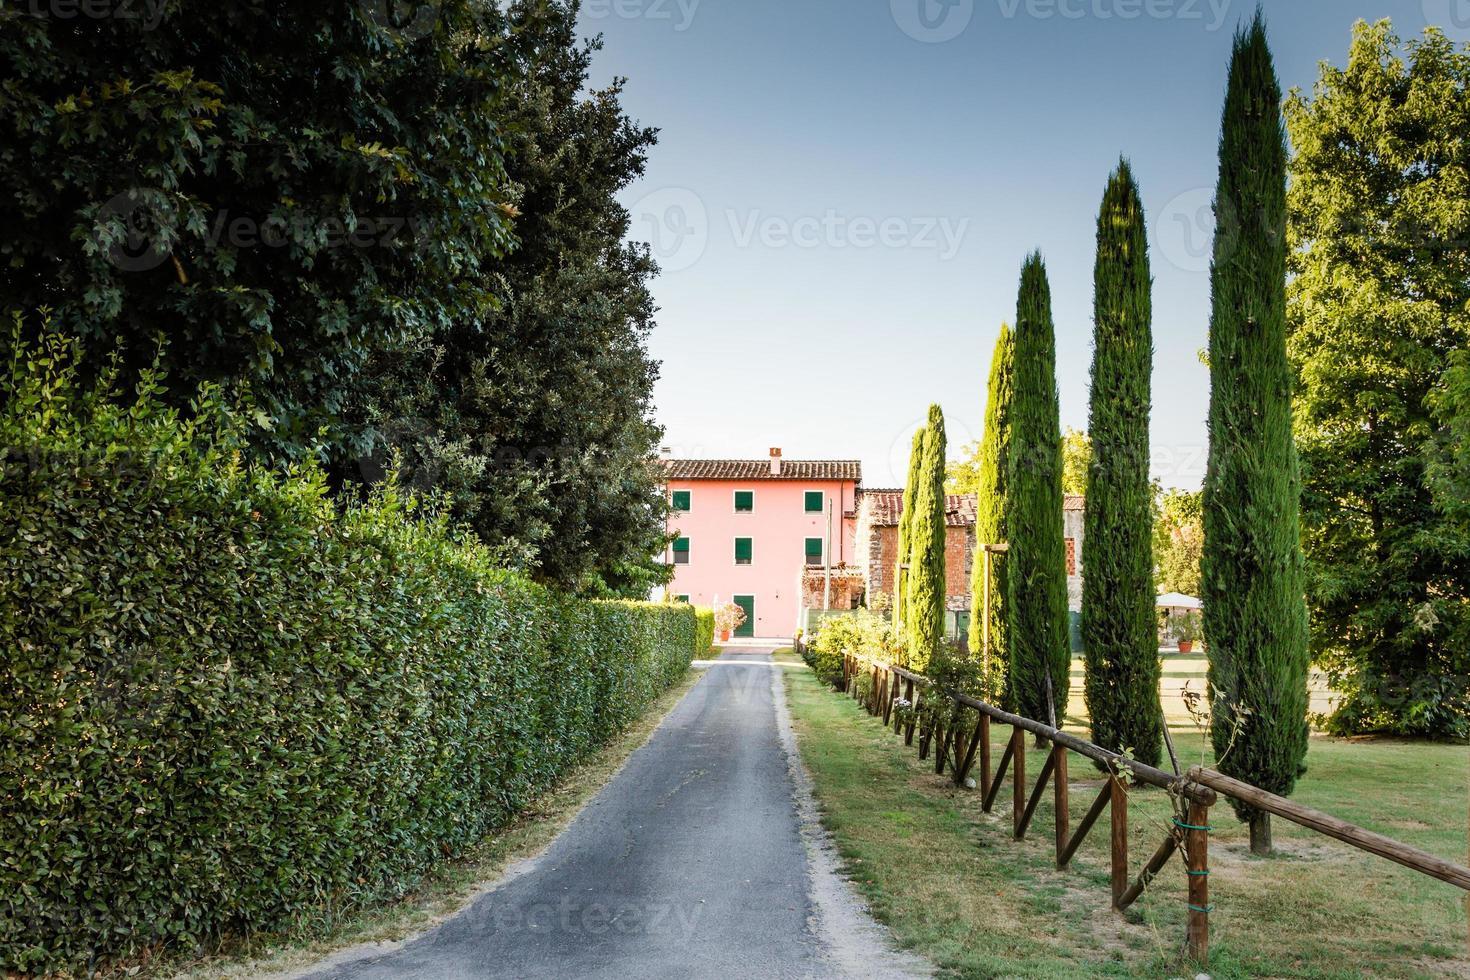 Toscaans landhuis foto